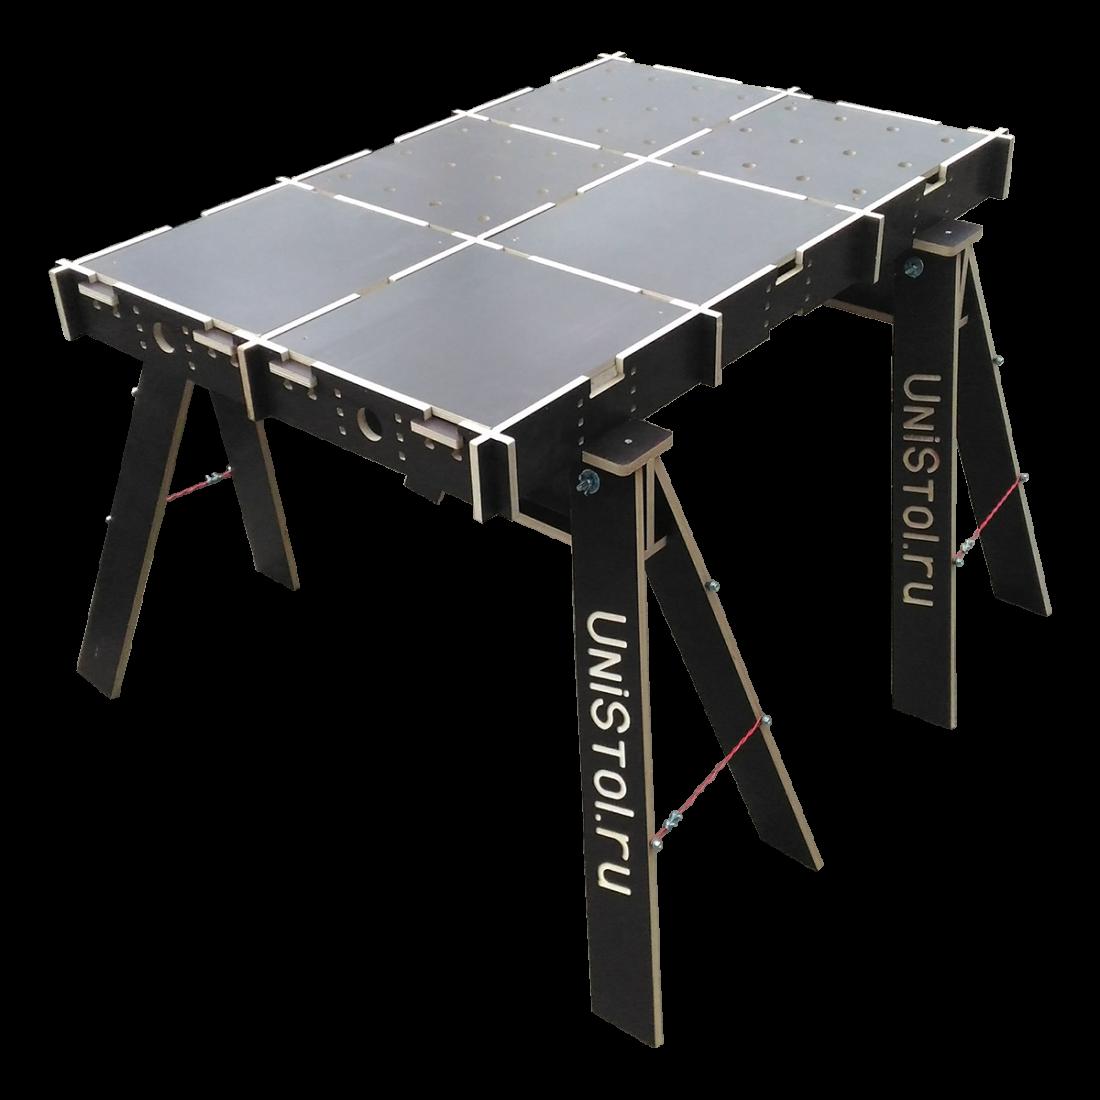 Ячеистый стол для раскроя листовых материалов 1200x800 мм со столешницей